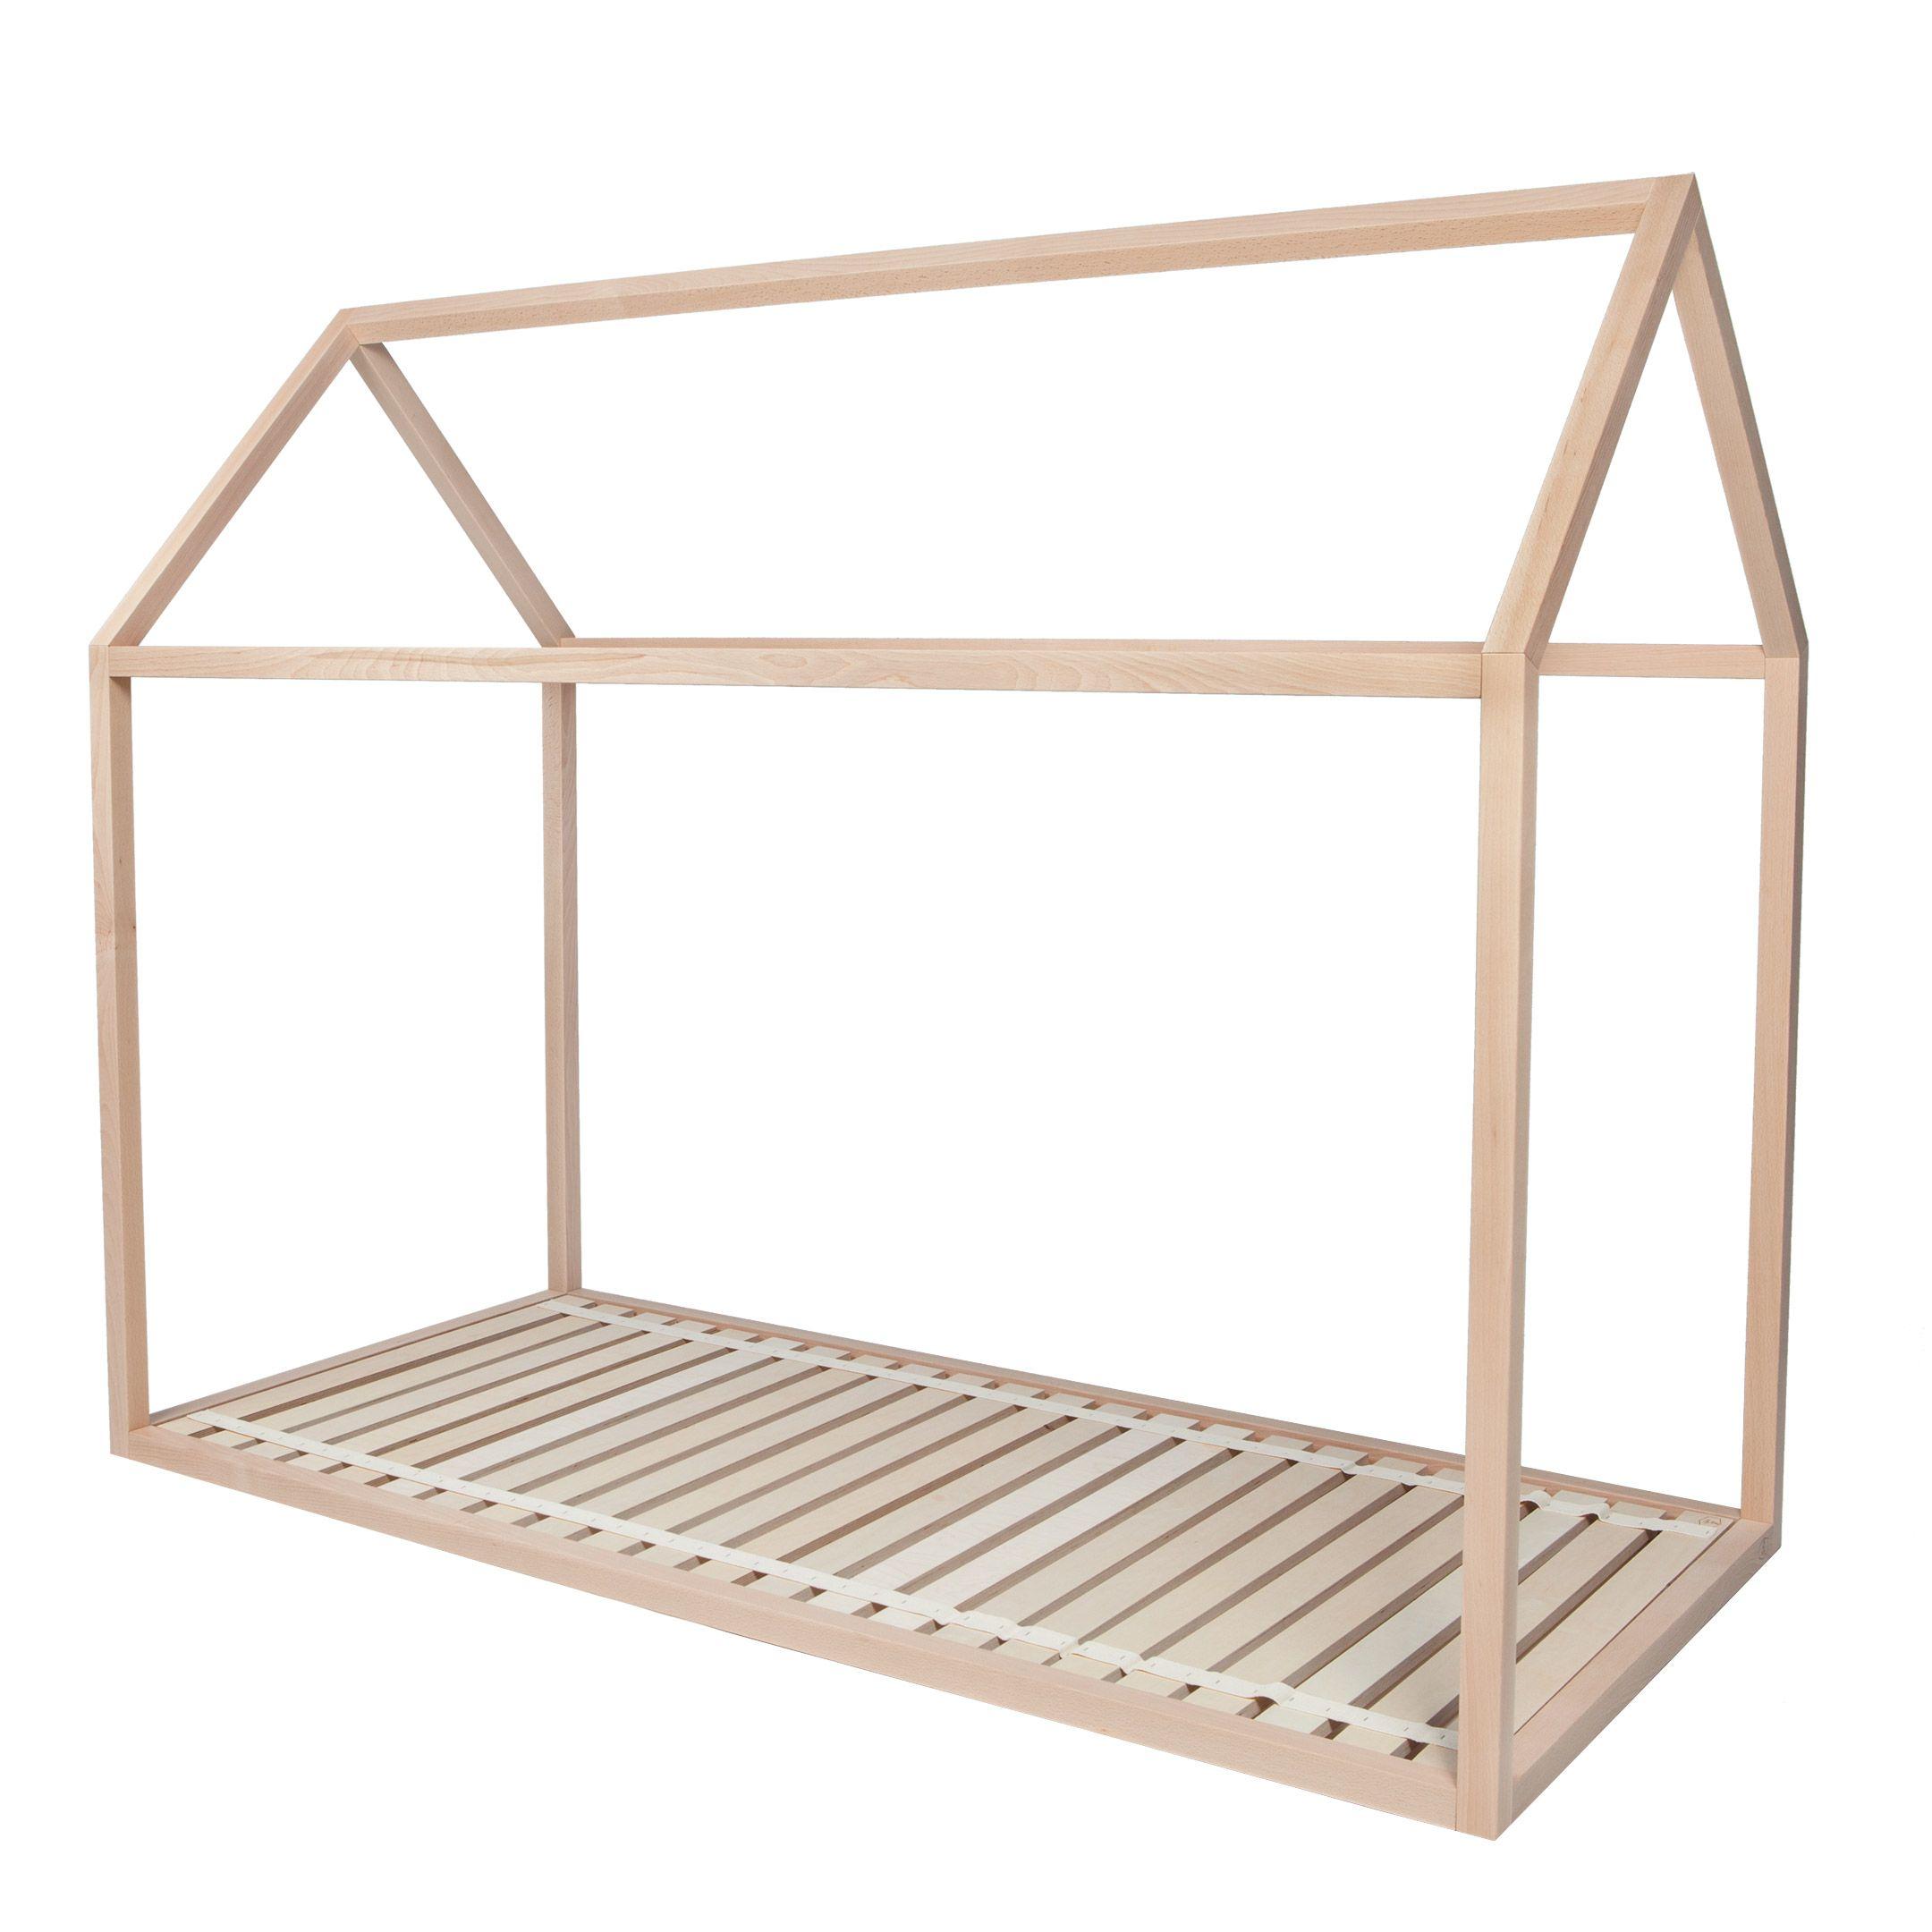 lit cabane blomkal deco pinterest. Black Bedroom Furniture Sets. Home Design Ideas